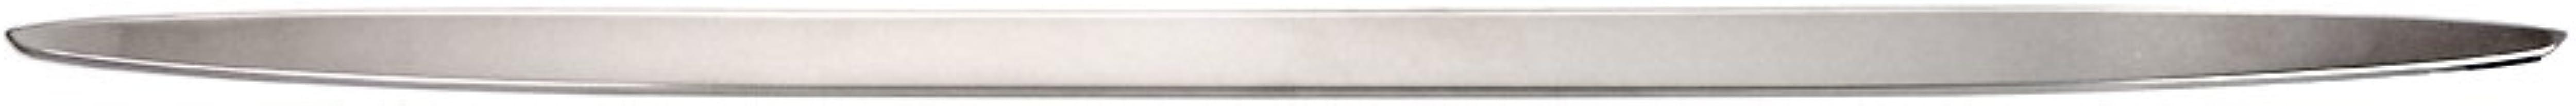 サムライプロデュース ホンダ NBOX N-BOXカスタム JF3/4 リアリップ ガーニッシュ カスタム パーツ アクセサリー HONDA